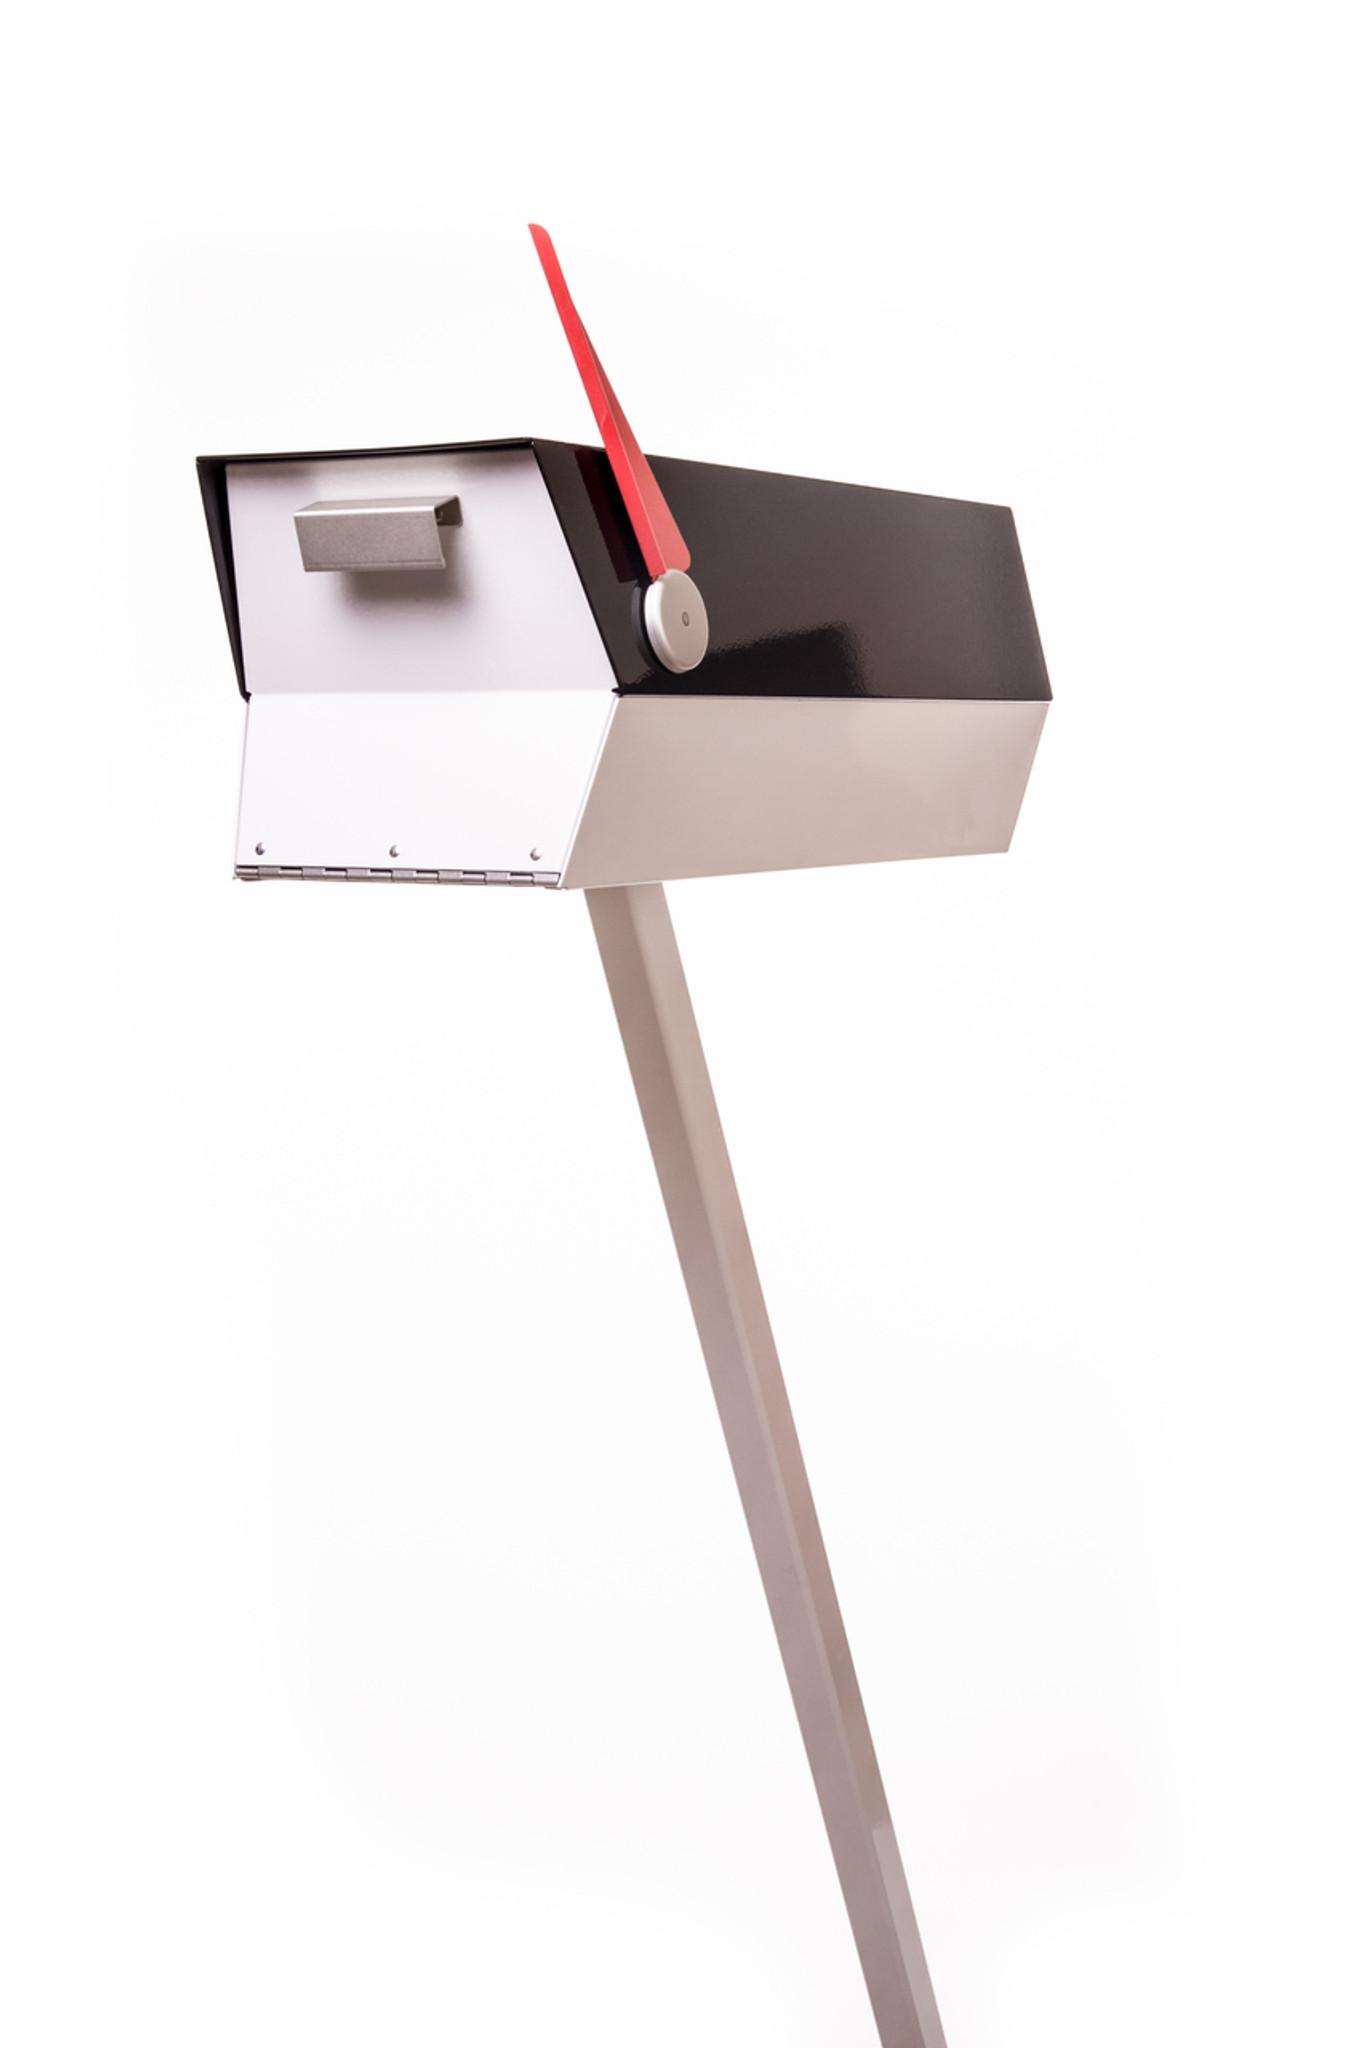 Modbox Curbside Mailbox Hip Haven